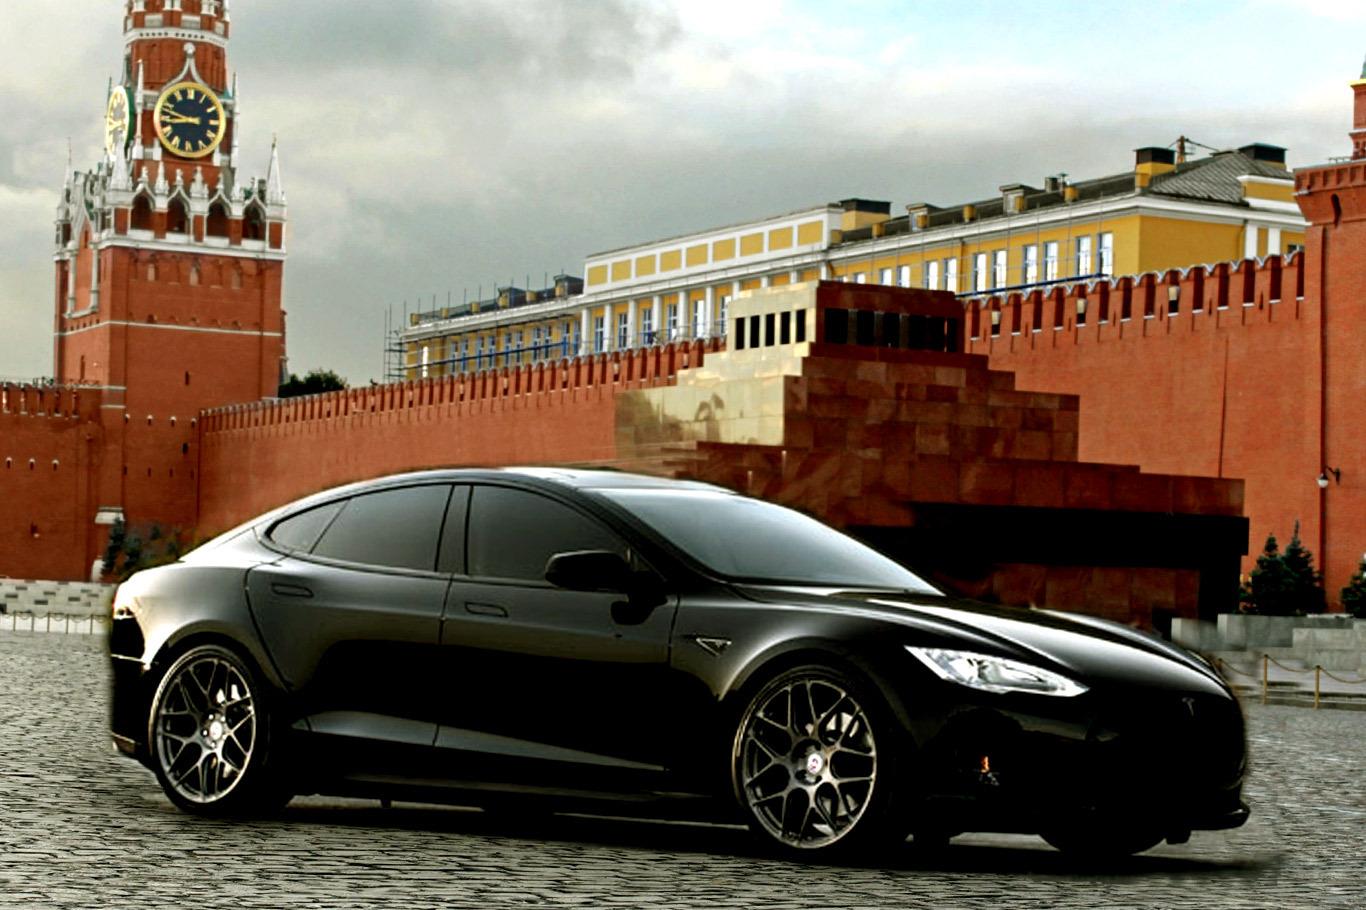 Стоимость зарядки Tesla в России сравнили с затратами на бензиновый автомобиль